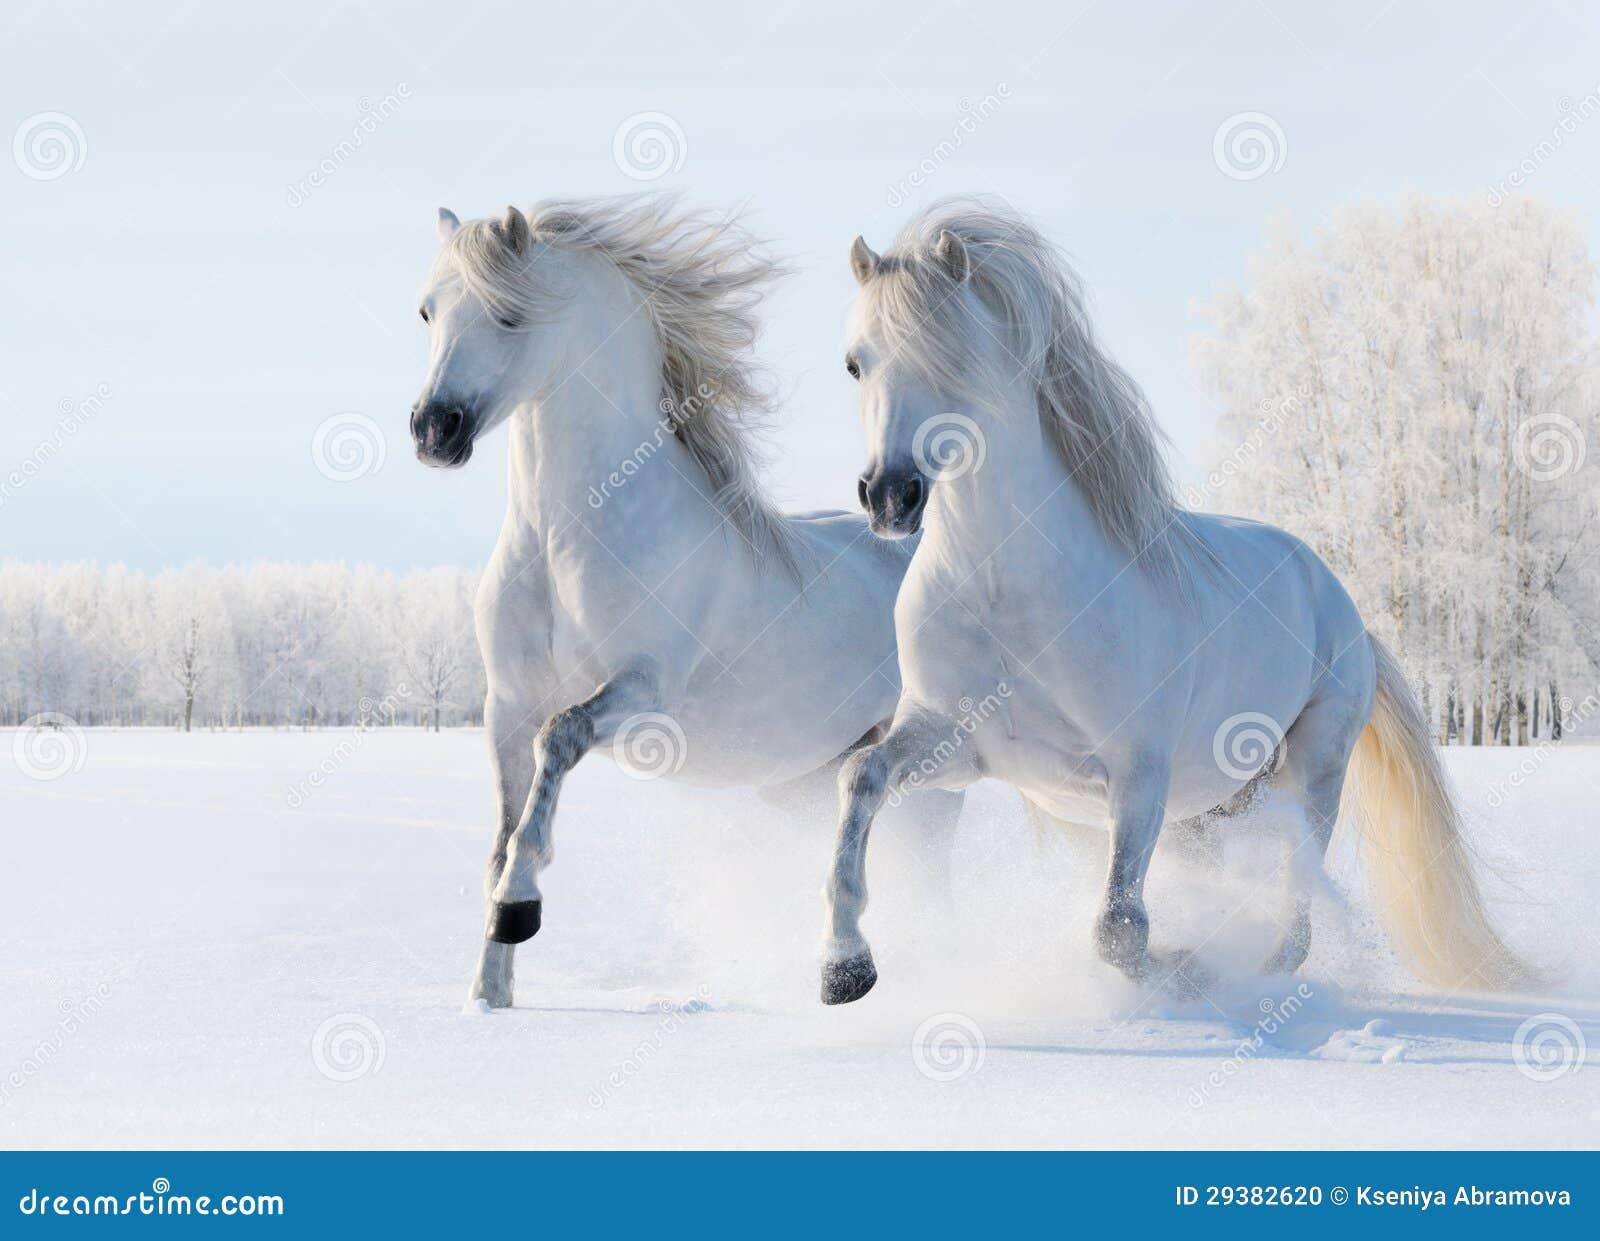 galop-de-deux-chevaux-blancs-sur-la-zone-de-neige-29382620.jpg